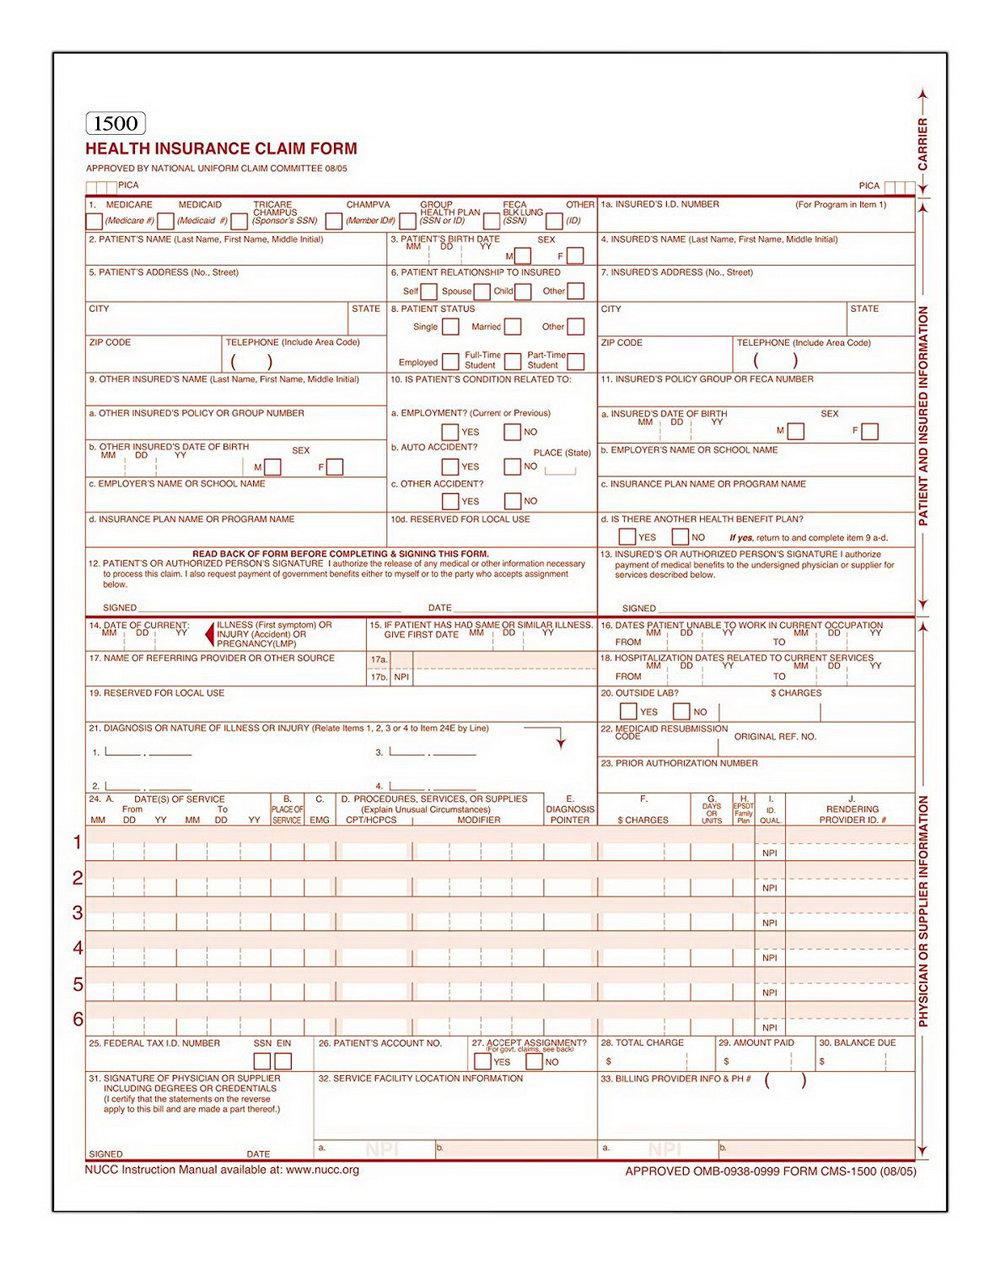 Hcfa 1500 Form Order